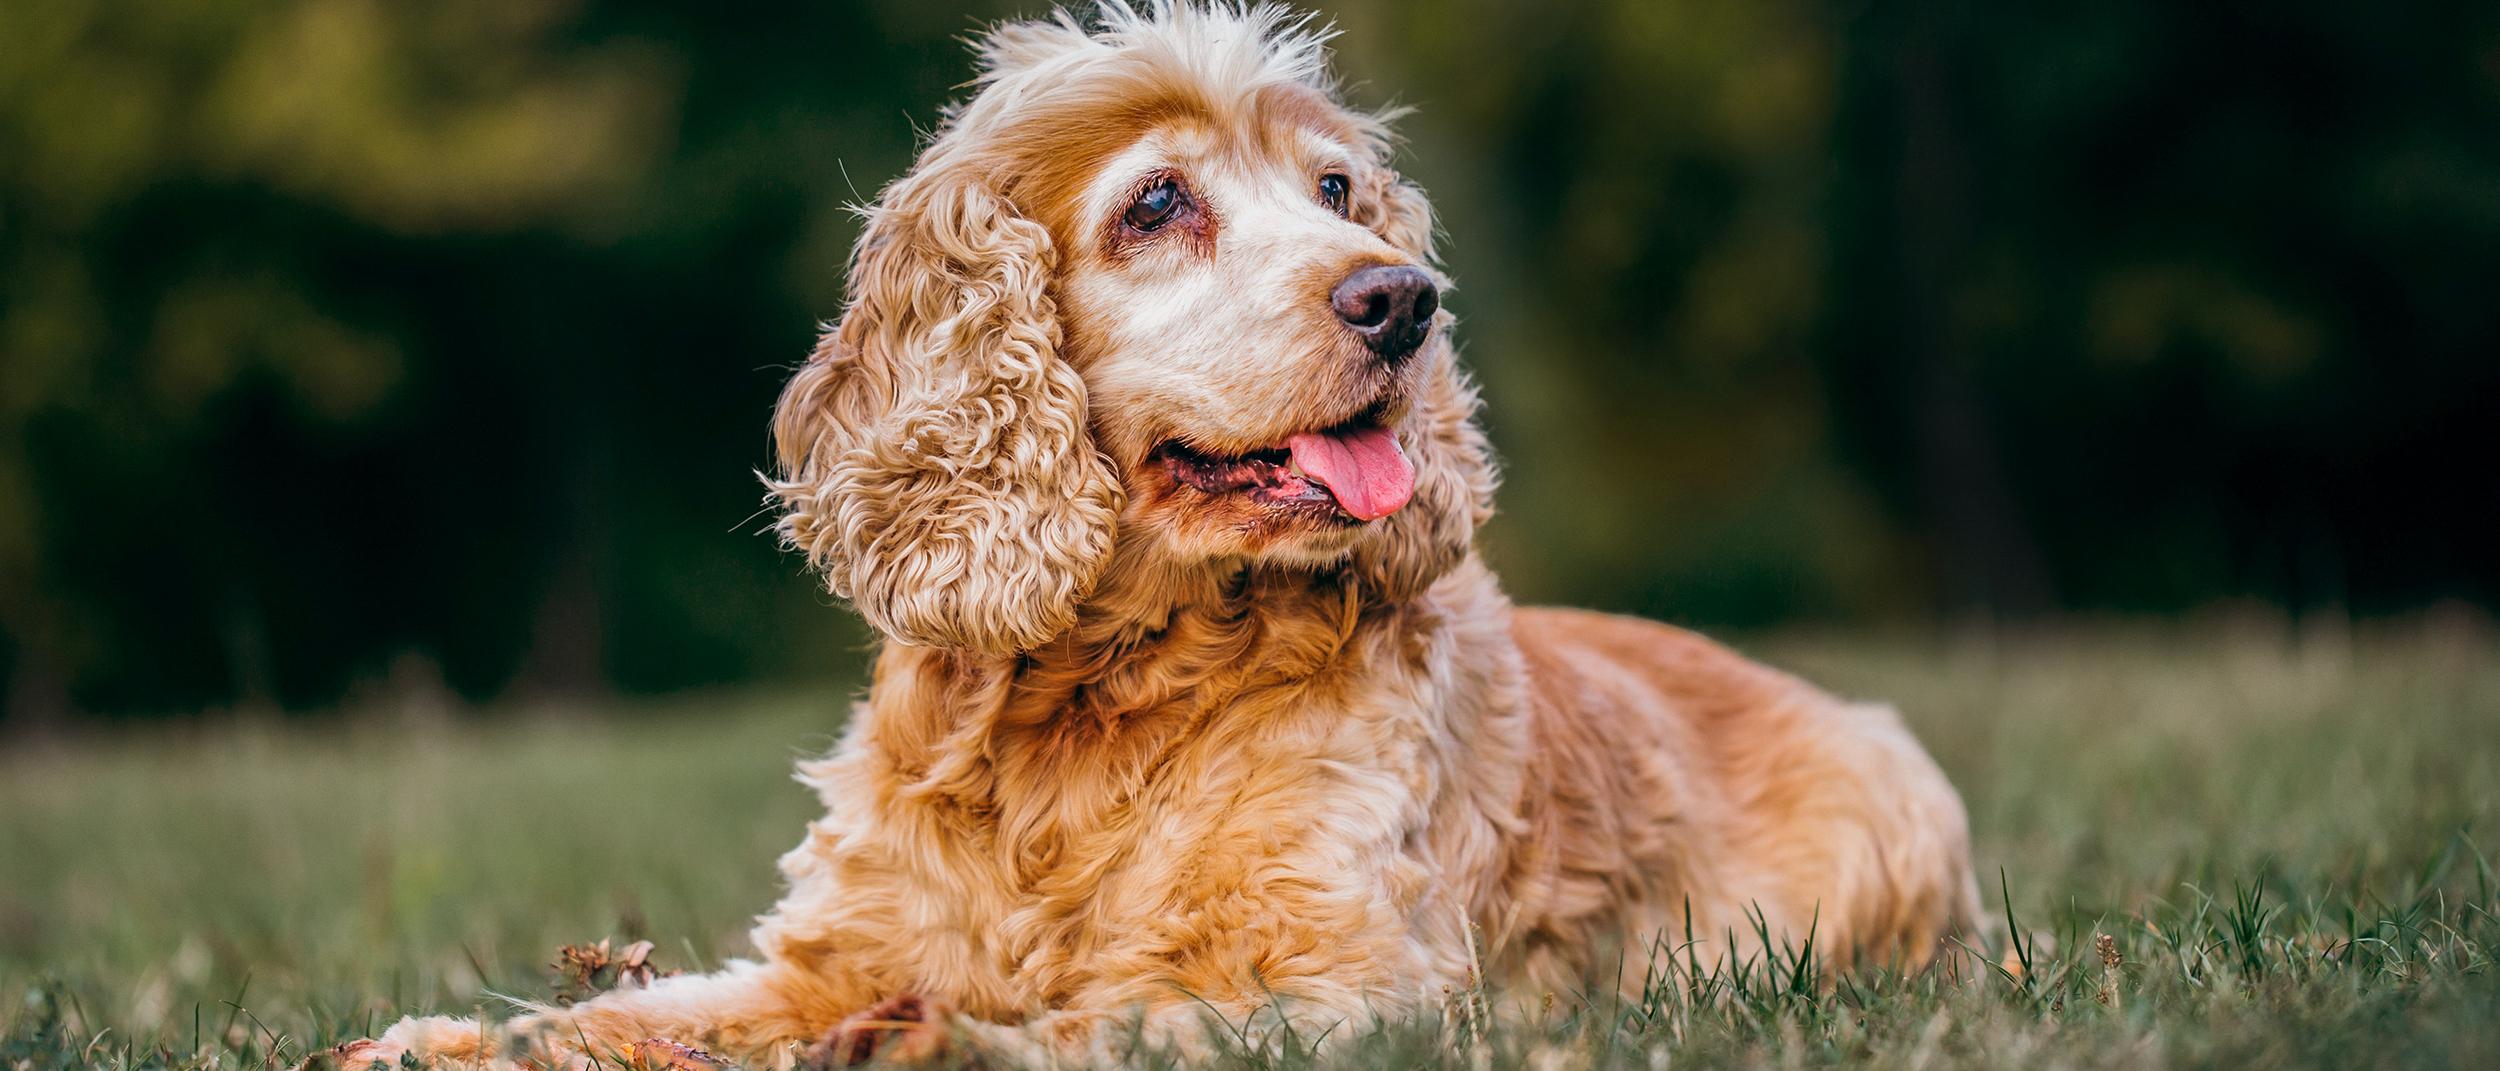 Maladies Courantes Chez Les Chiens Plus âgés Royal Canin